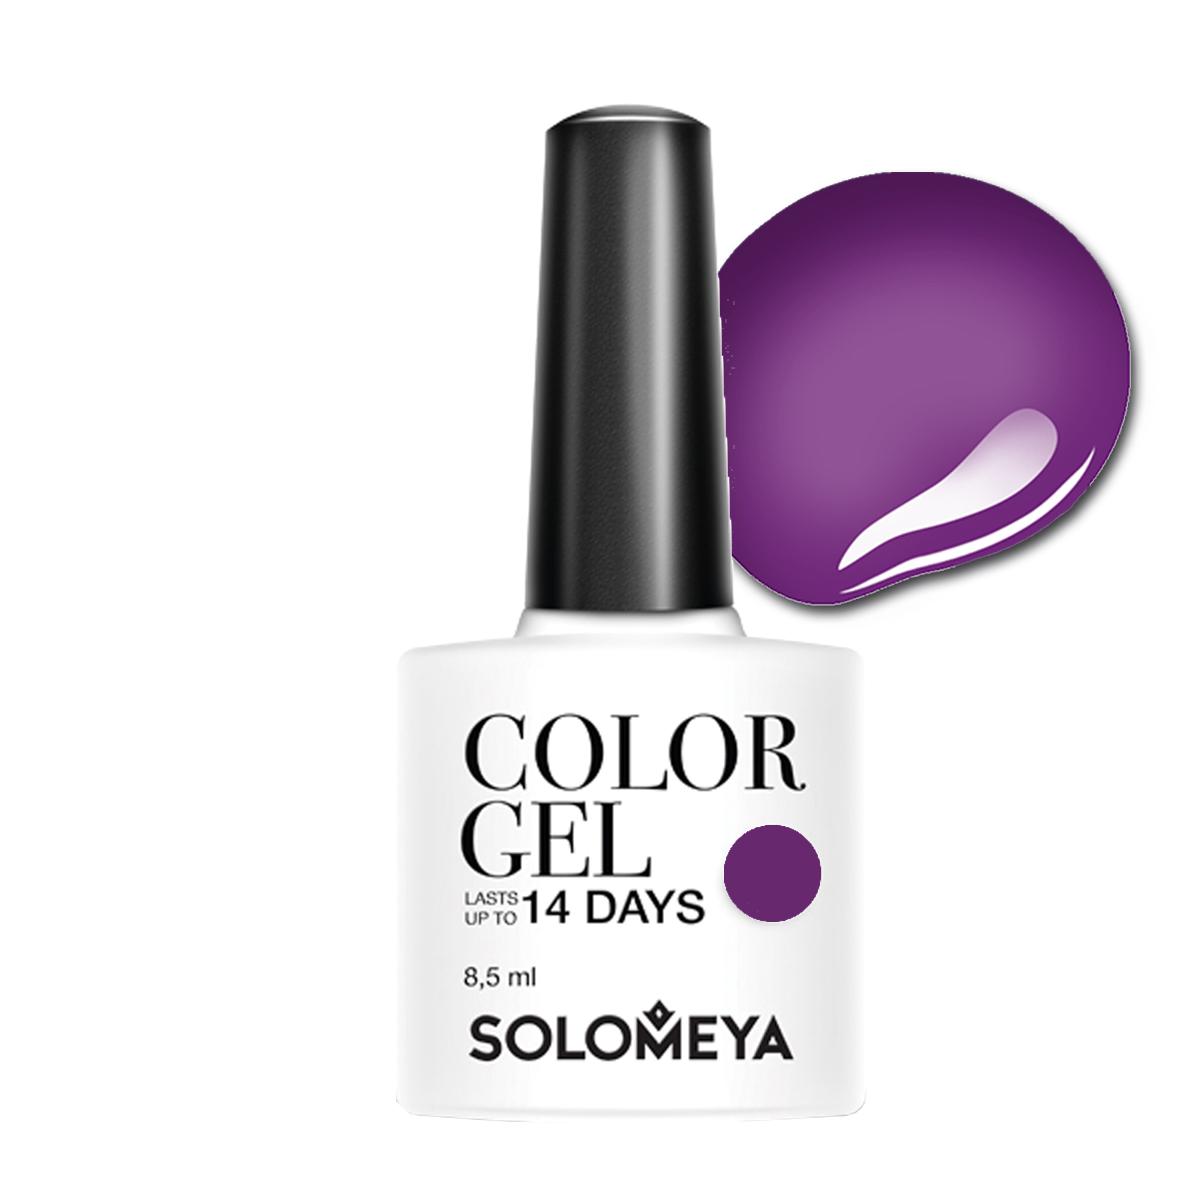 SOLOMEYA Гель-лак для ногтей SCG097 Анна / Color Gel Anna 8,5мл гель лак для ногтей solomeya color gel beret scg034 берет 8 5 мл